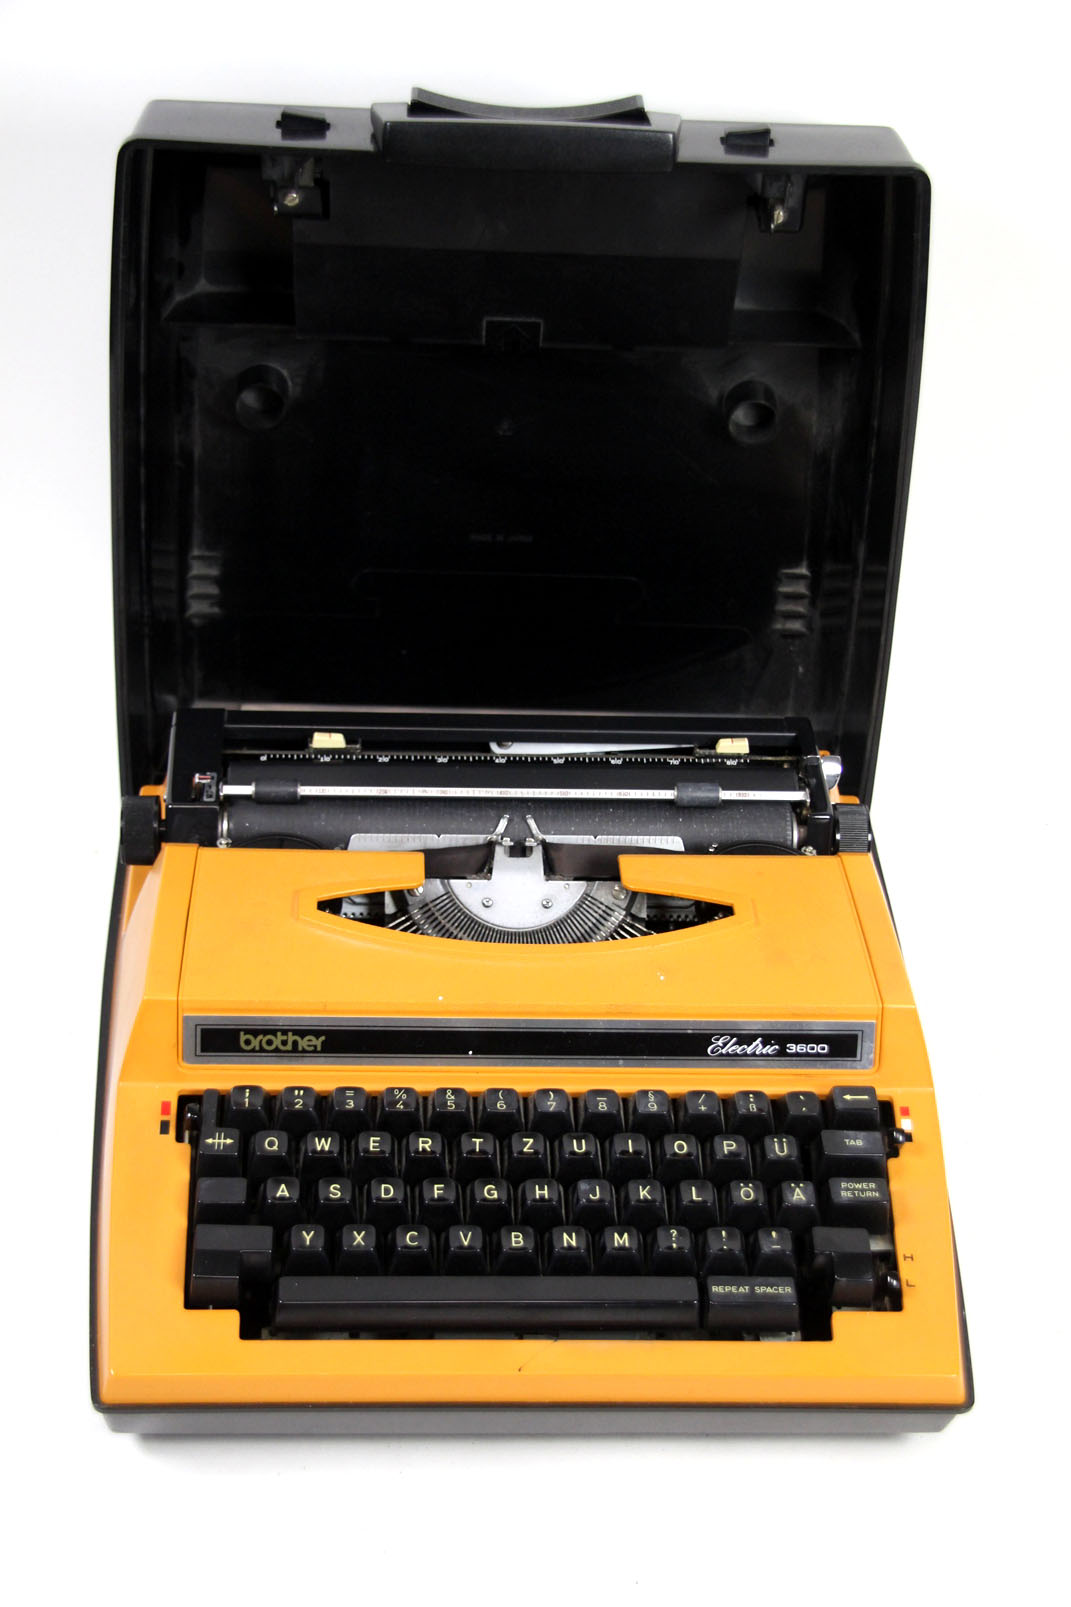 brother electric 3600 reise schreibmaschine orange typewriter elektrisch ebay. Black Bedroom Furniture Sets. Home Design Ideas